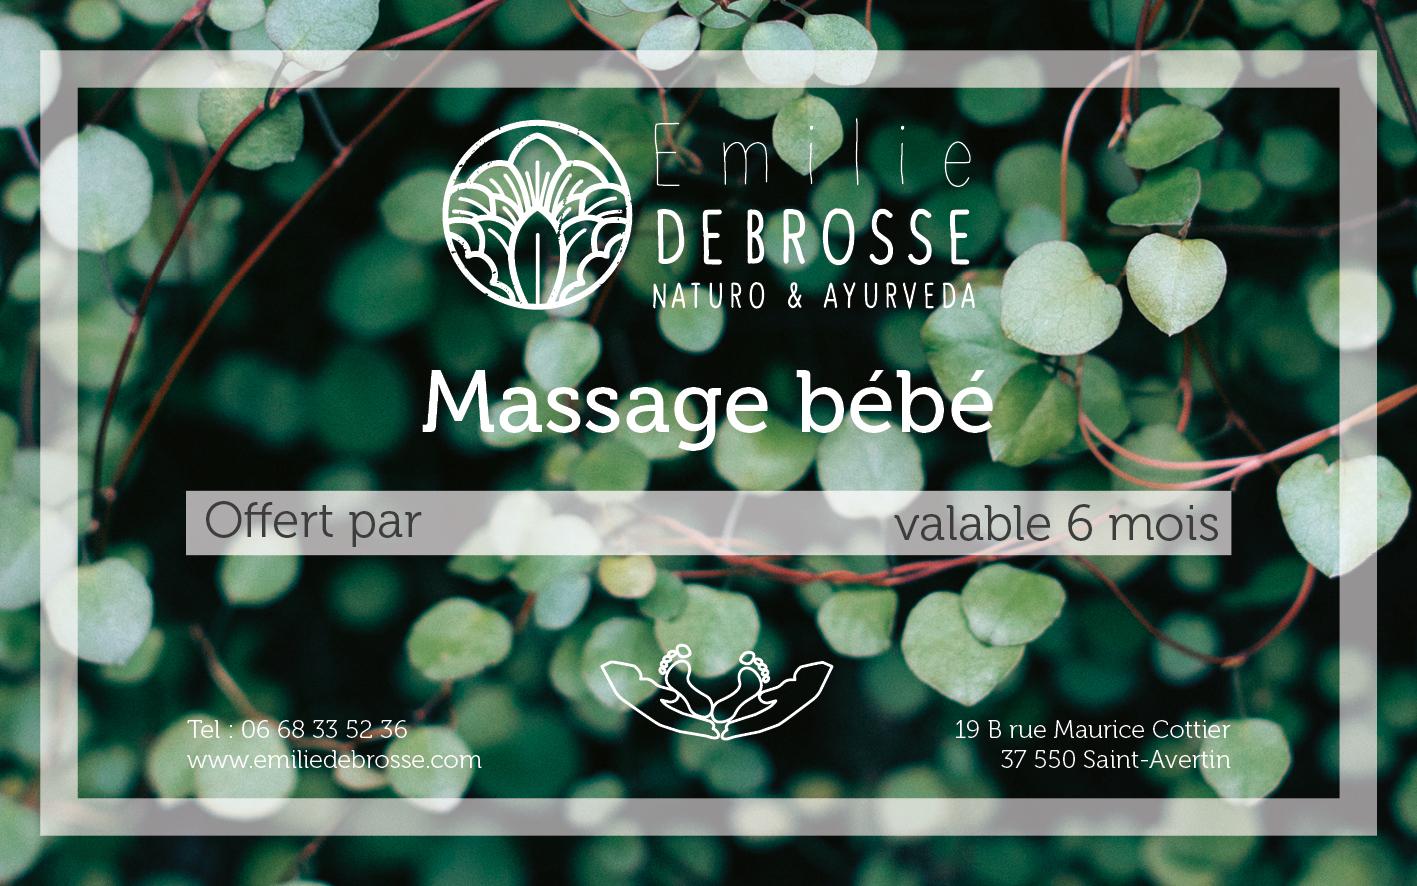 chèque cadeau pour le massage bébé